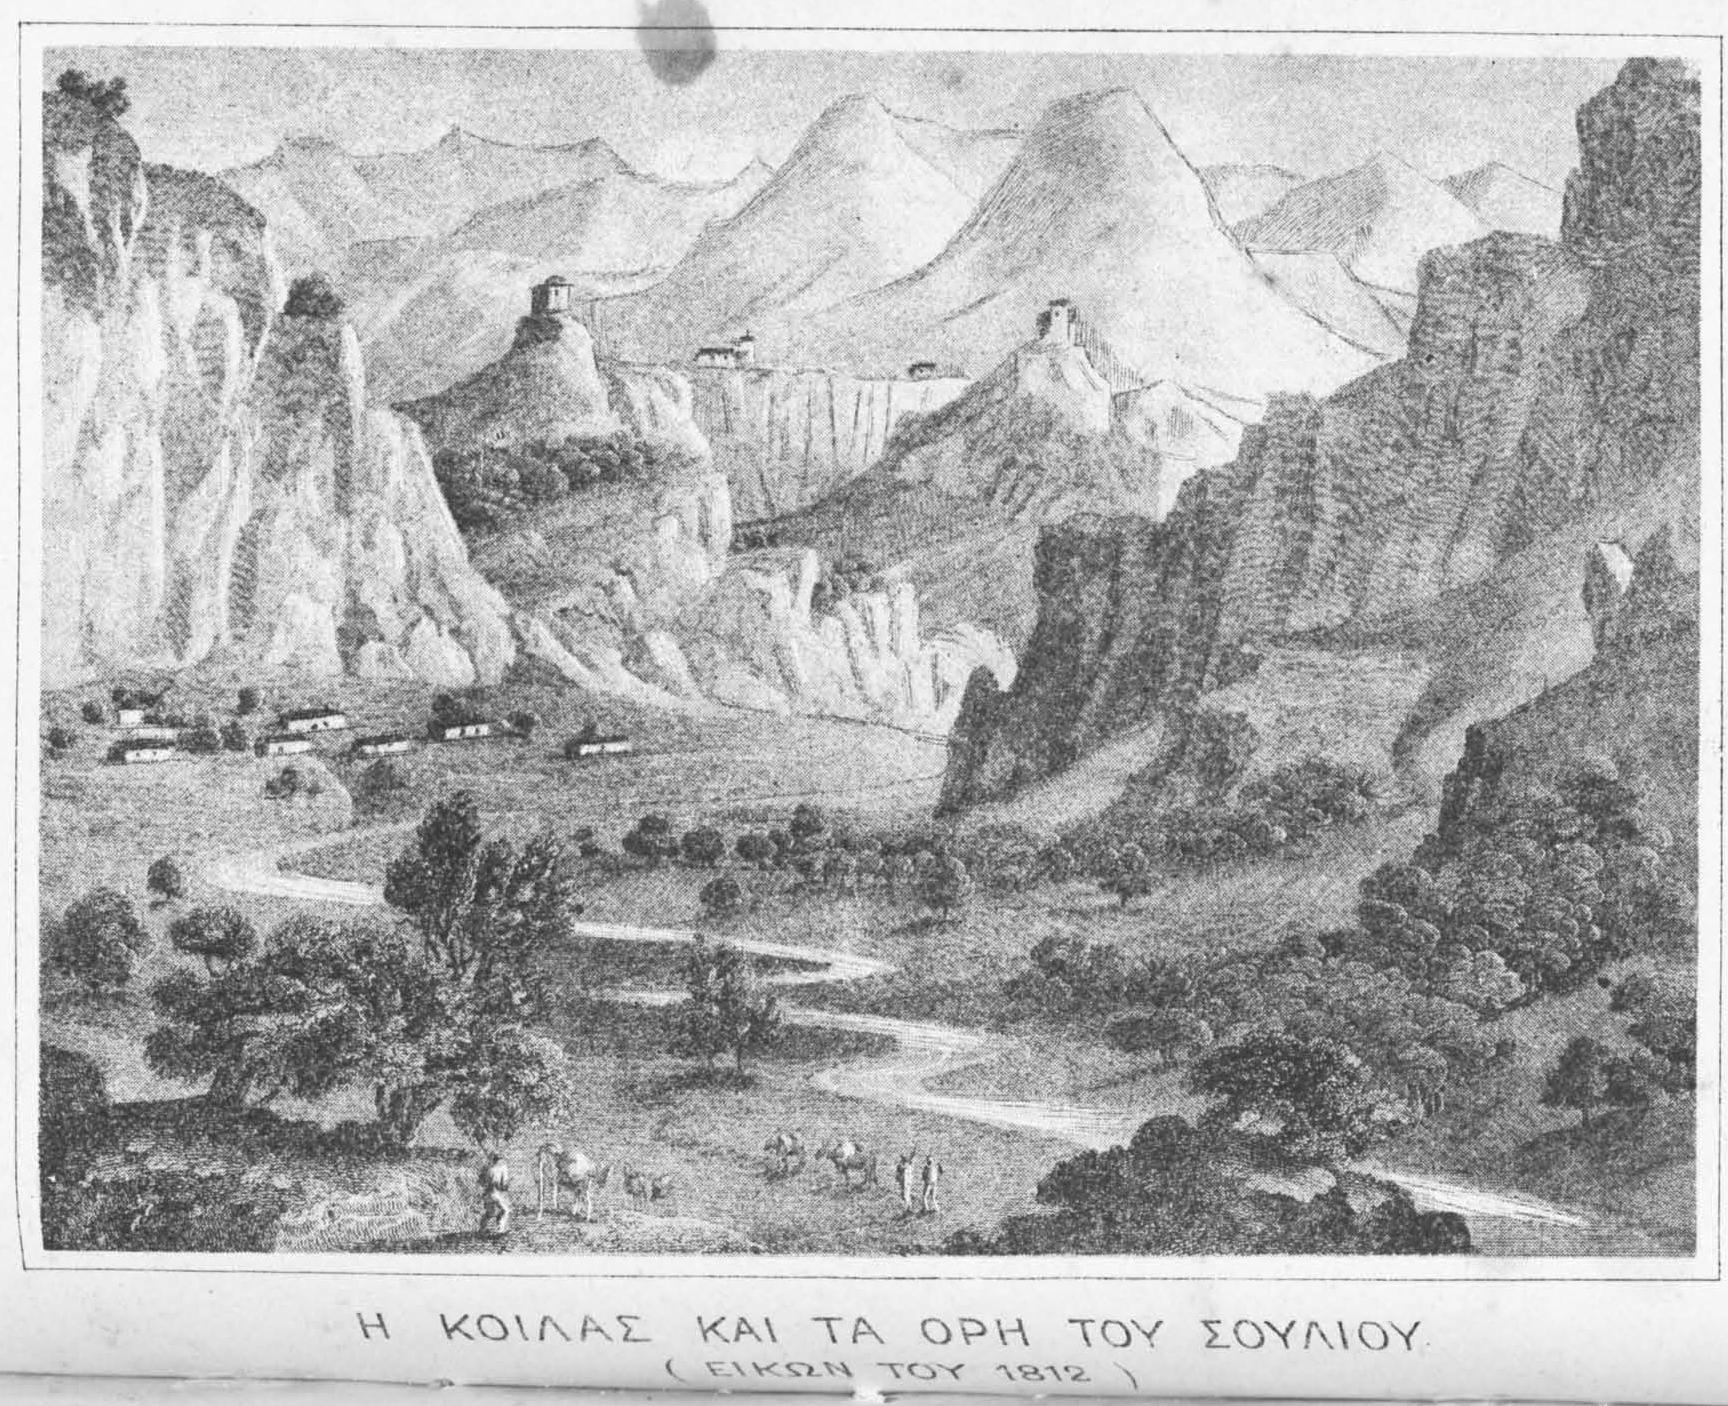 Ηρωικό Σούλι 20 Ιουλίου 1792: Η μάχη της Κιάφας